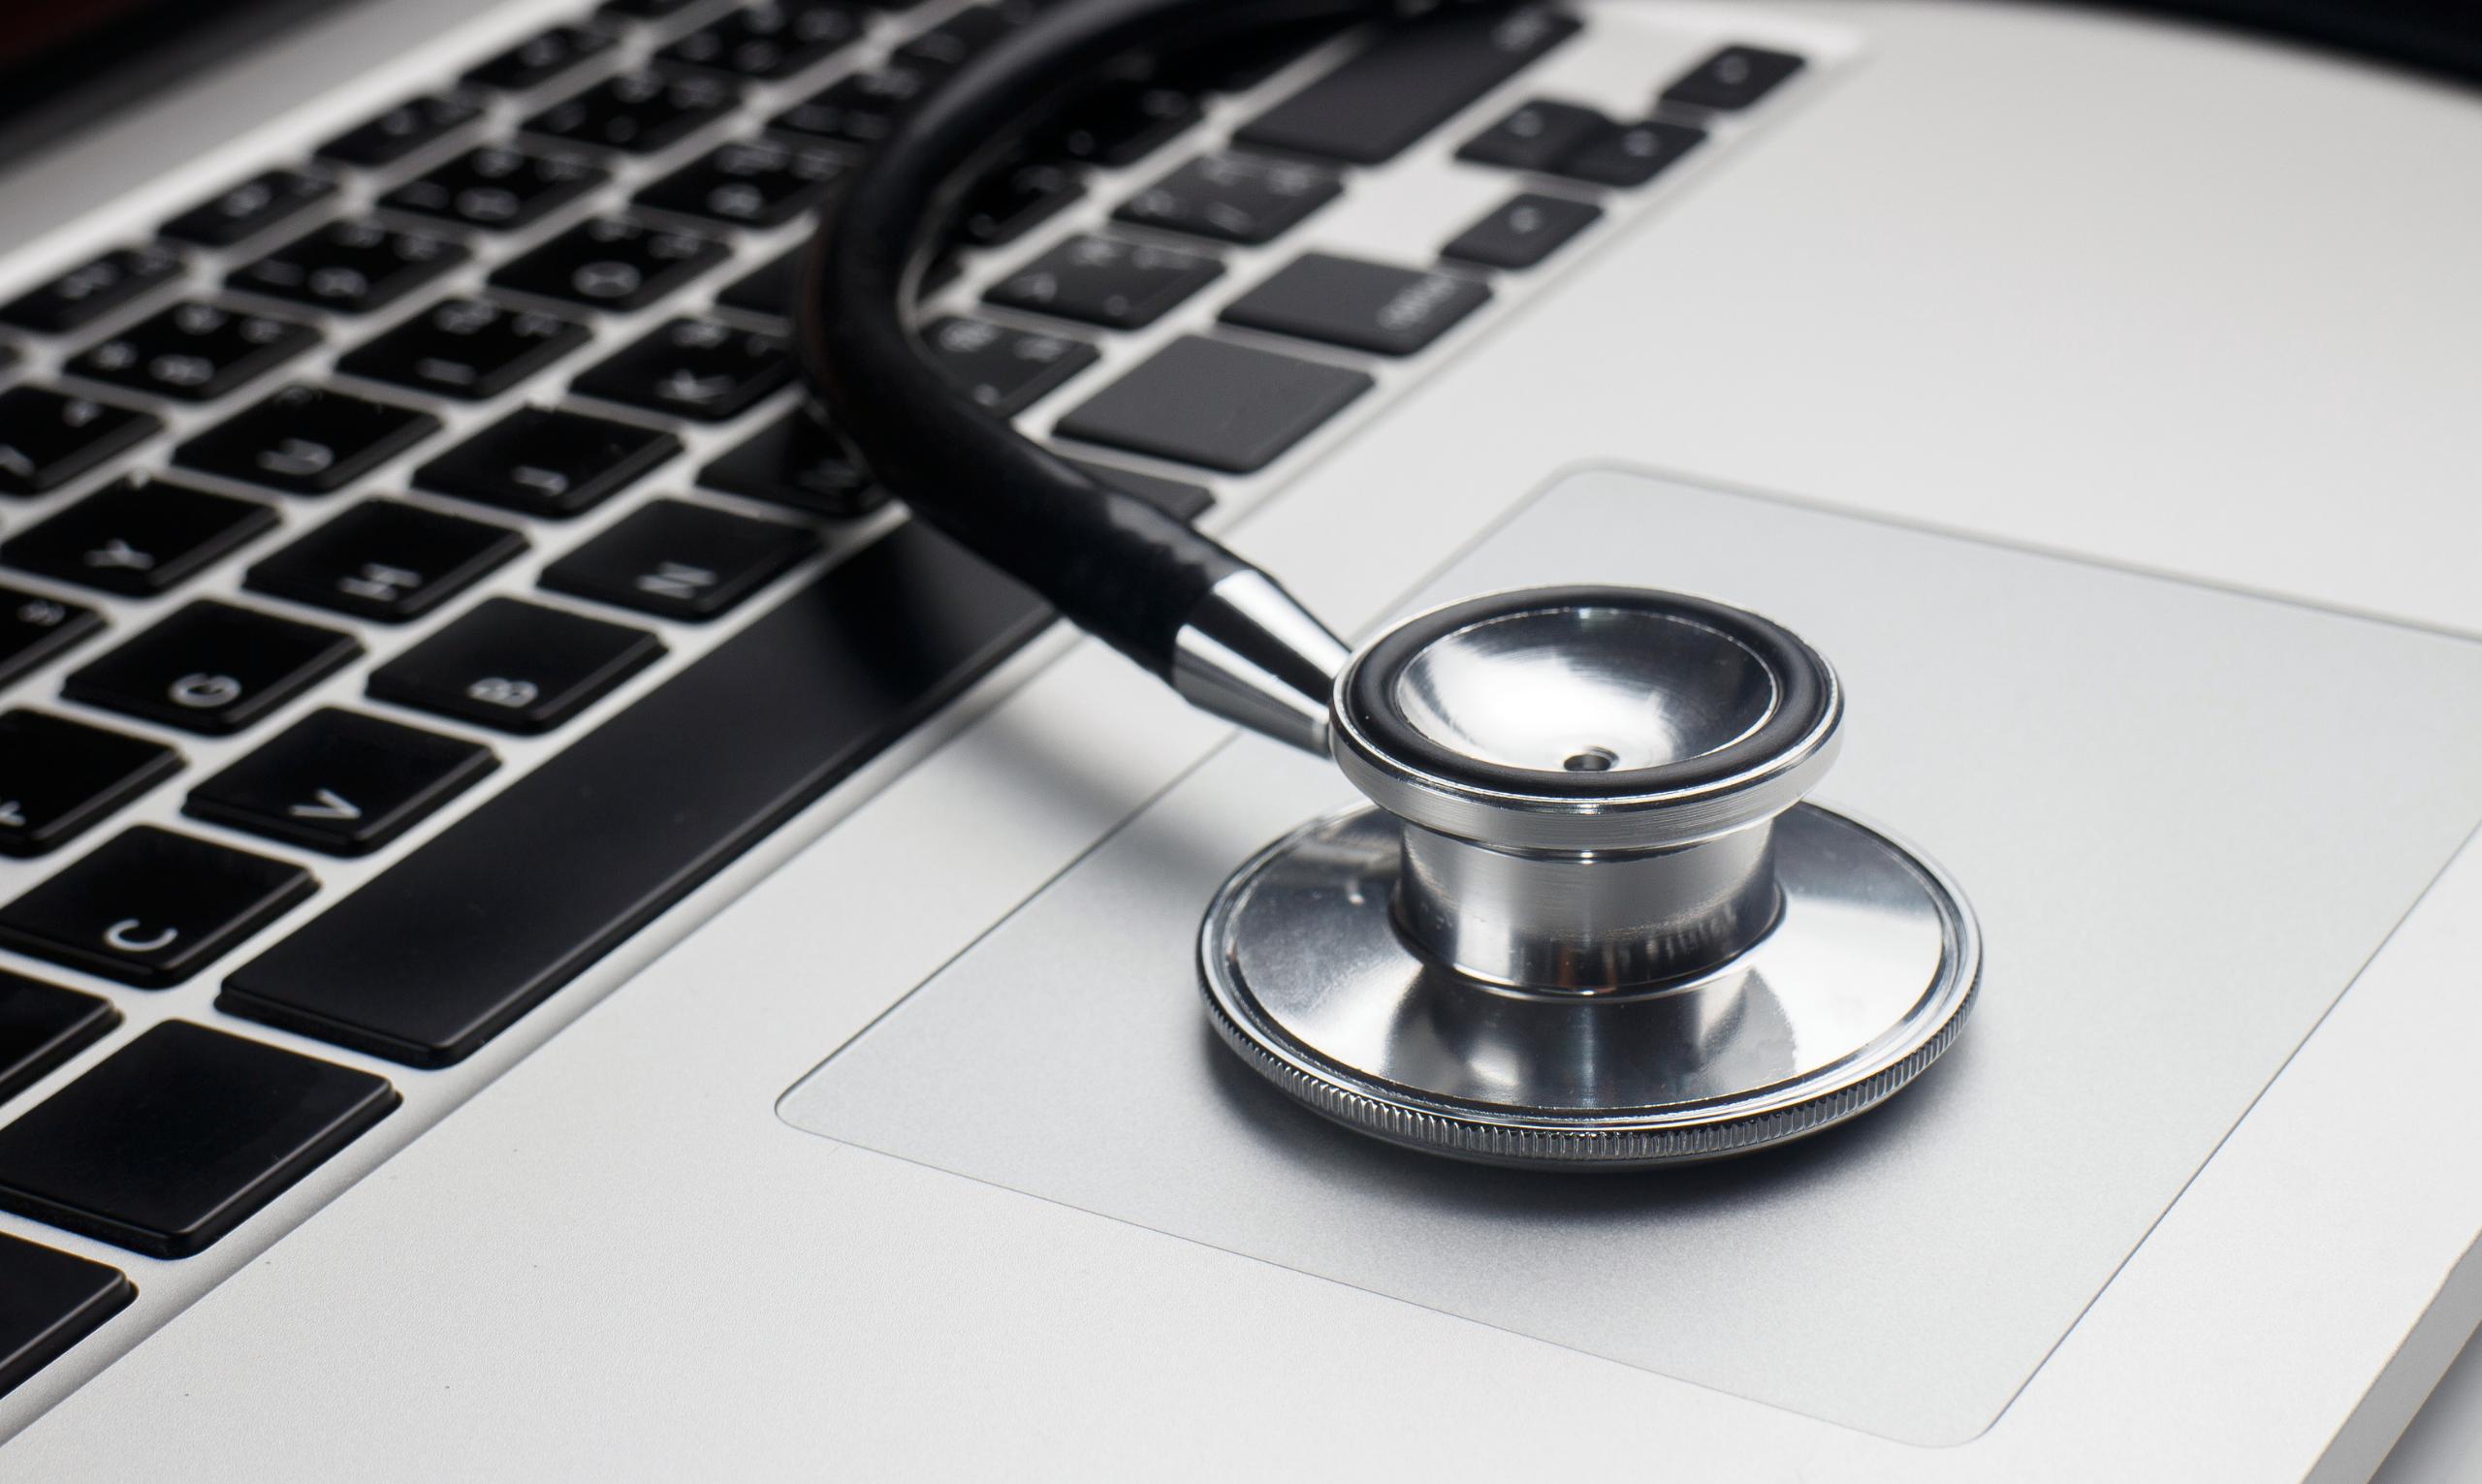 Computer Health Check Service